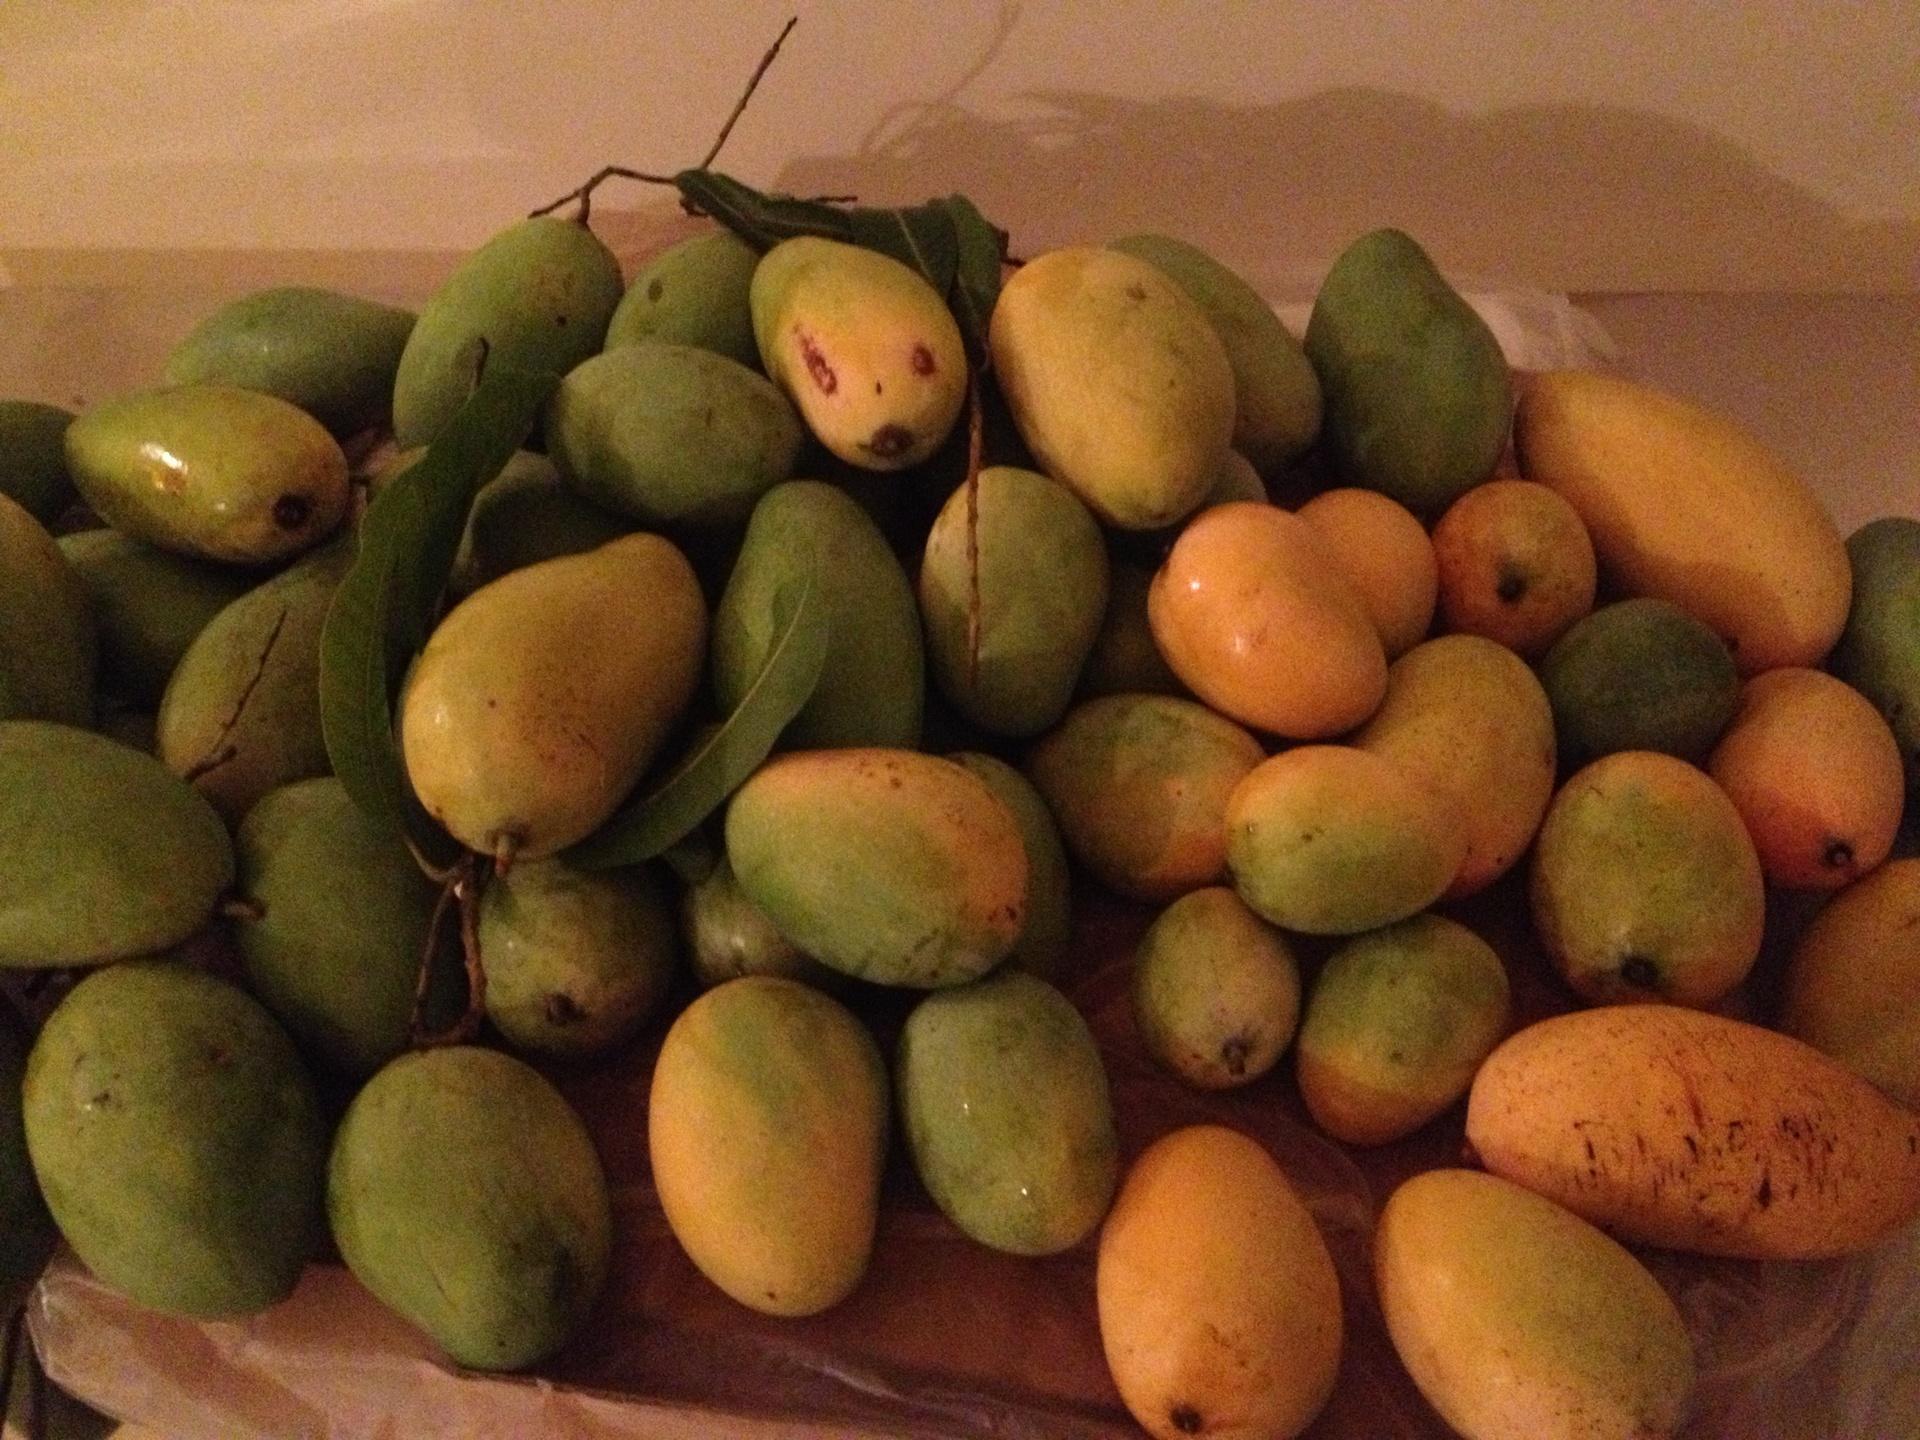 カンボジアのマンゴー | シェムリアップ在住シンギョウさんのおすすめスイーツ・お菓子